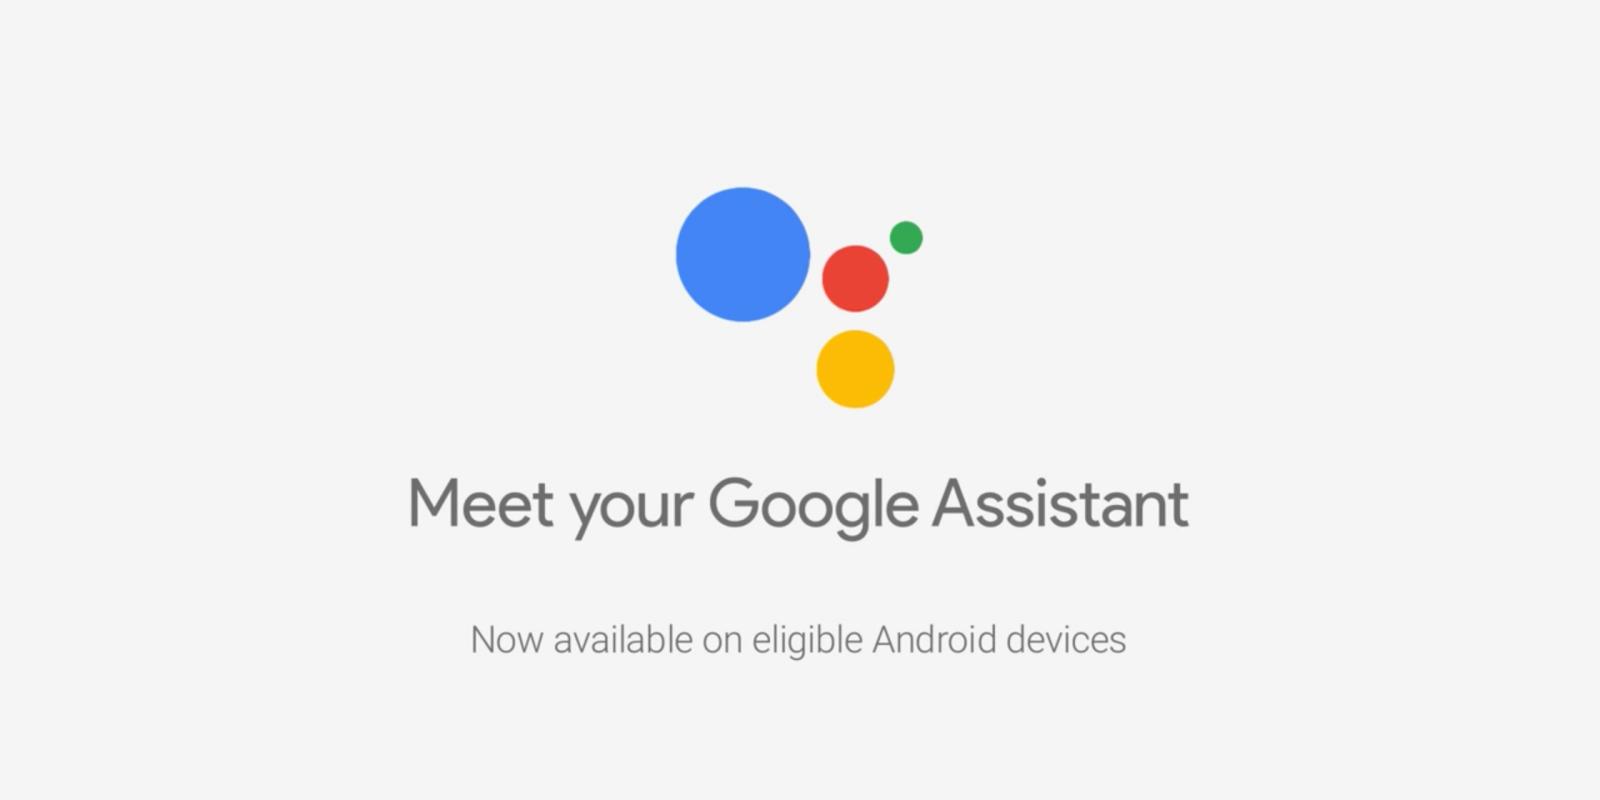 دستیار صوتی گوگل (Google Assistant) ممکن است به زودی برای دستگاههای بیشتری از جمله تبلتها عرضه شود